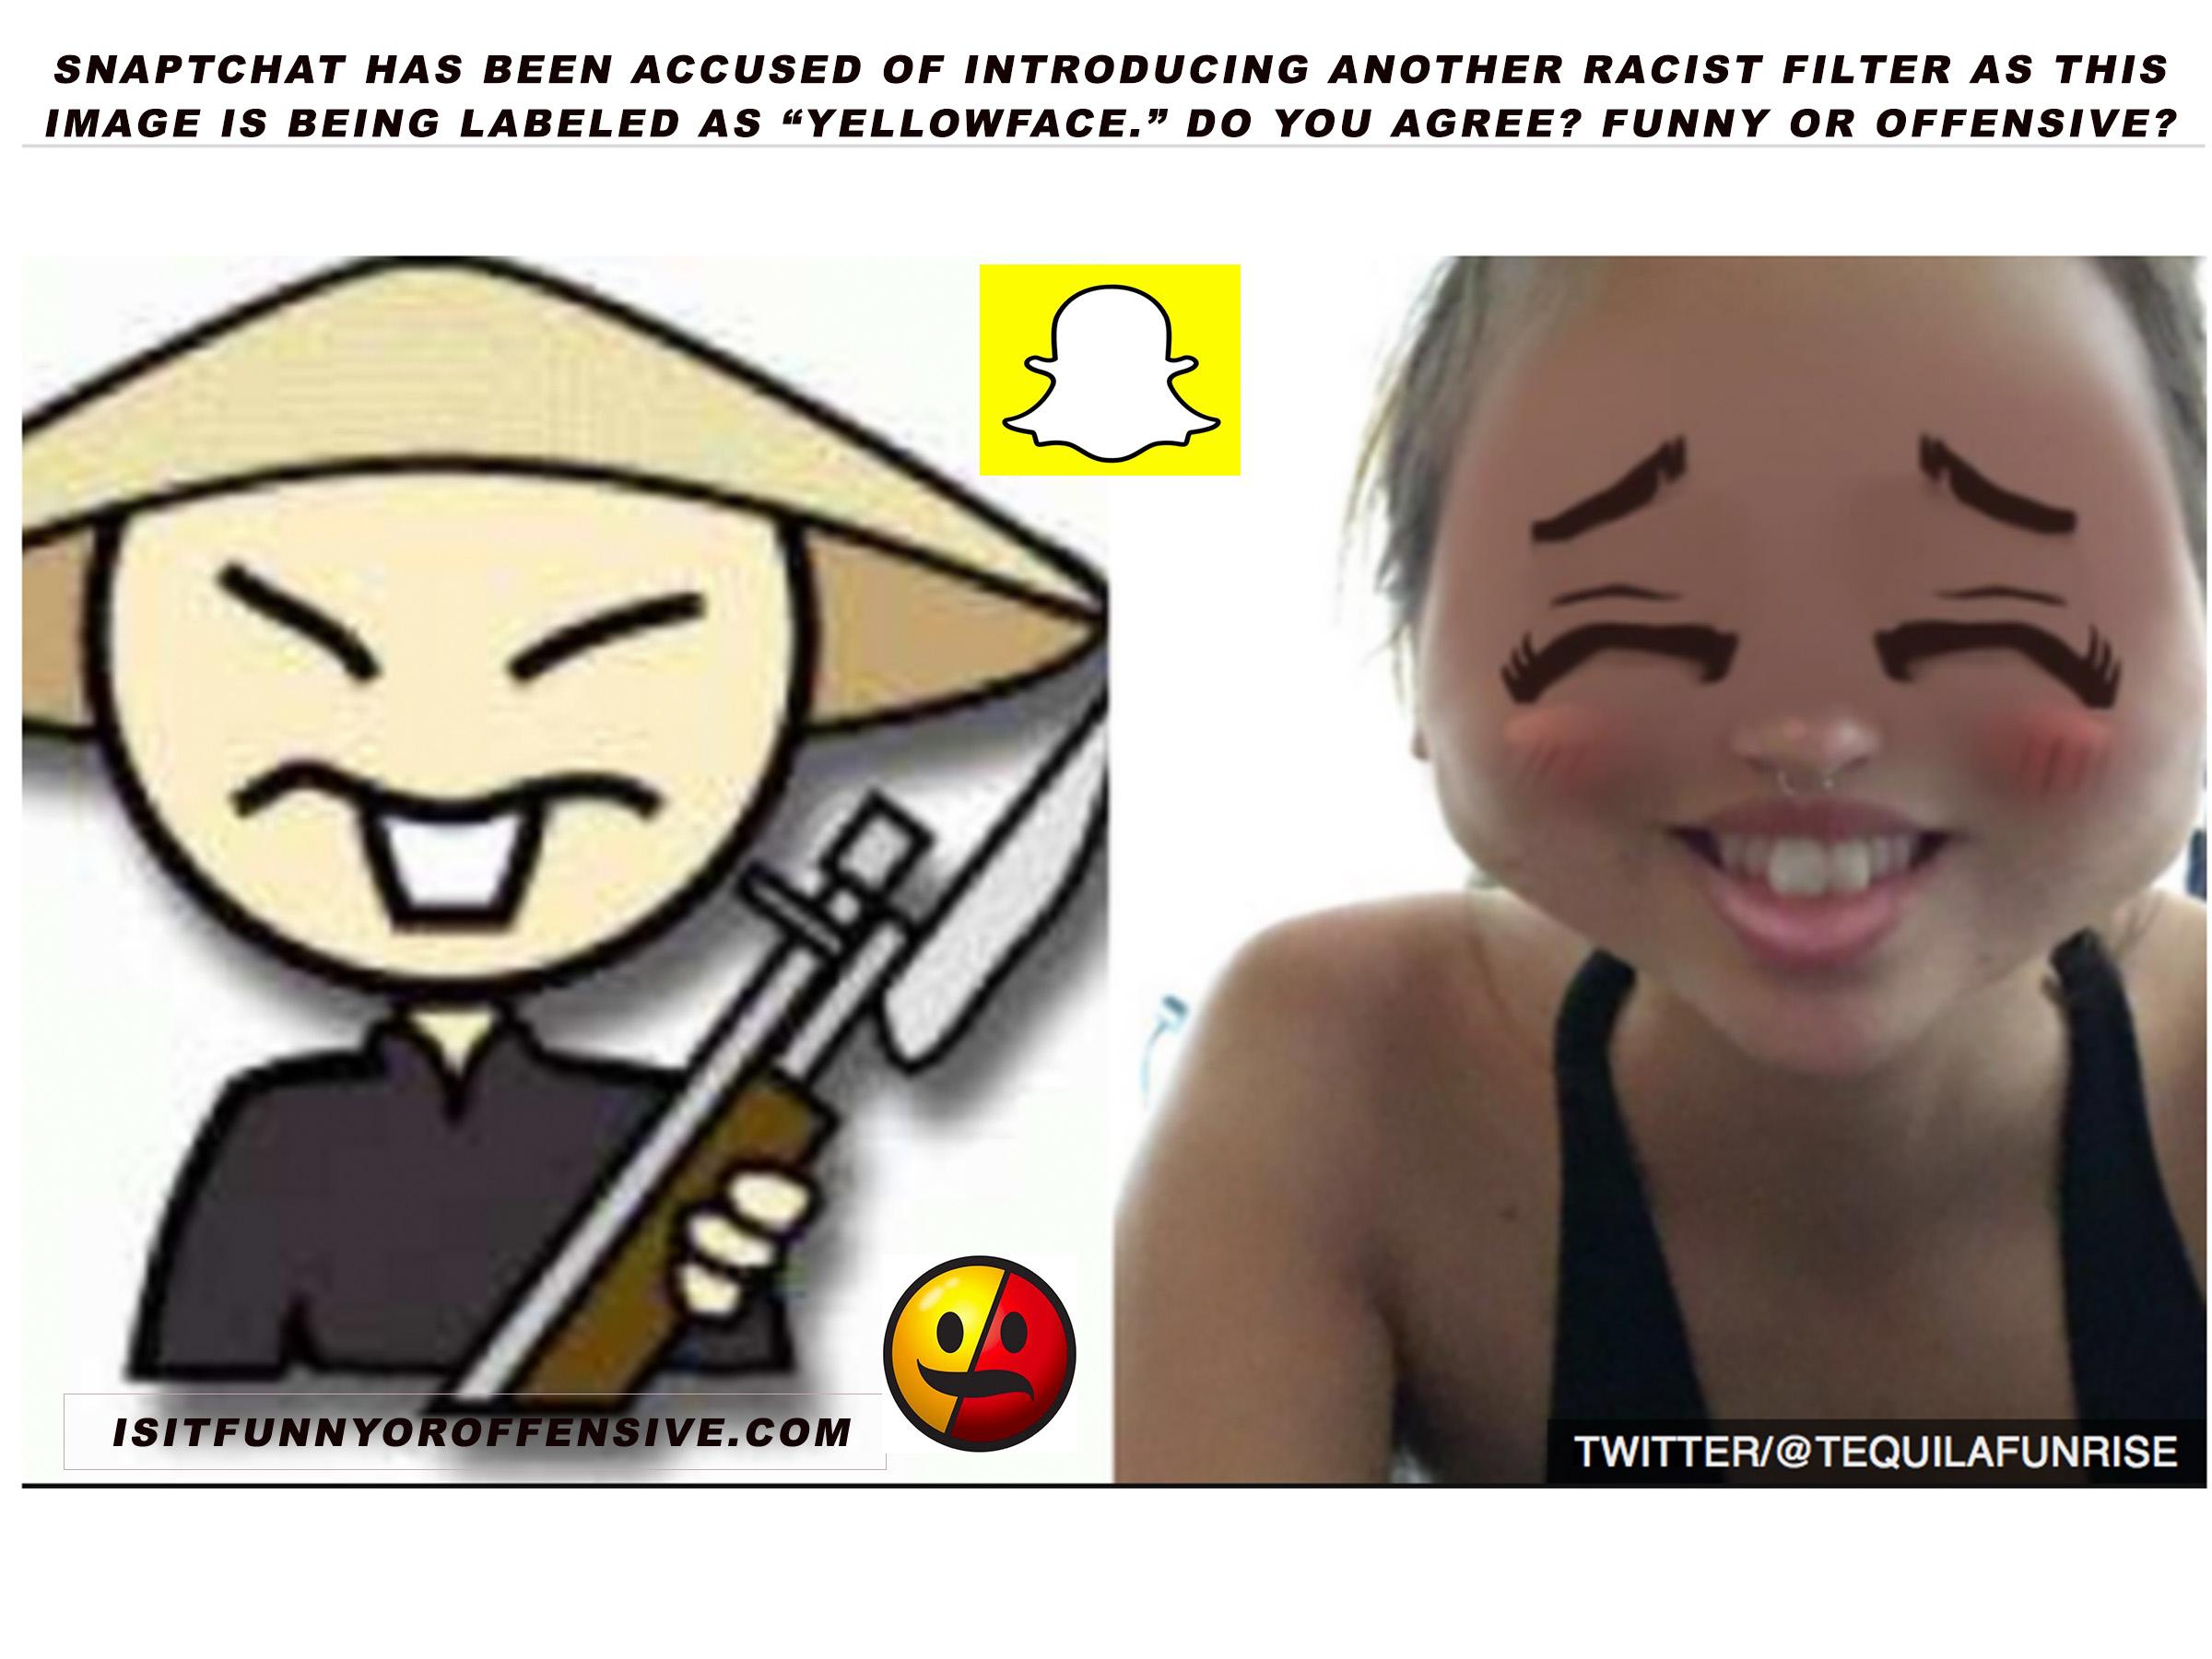 anime-inspired Snapchat filter